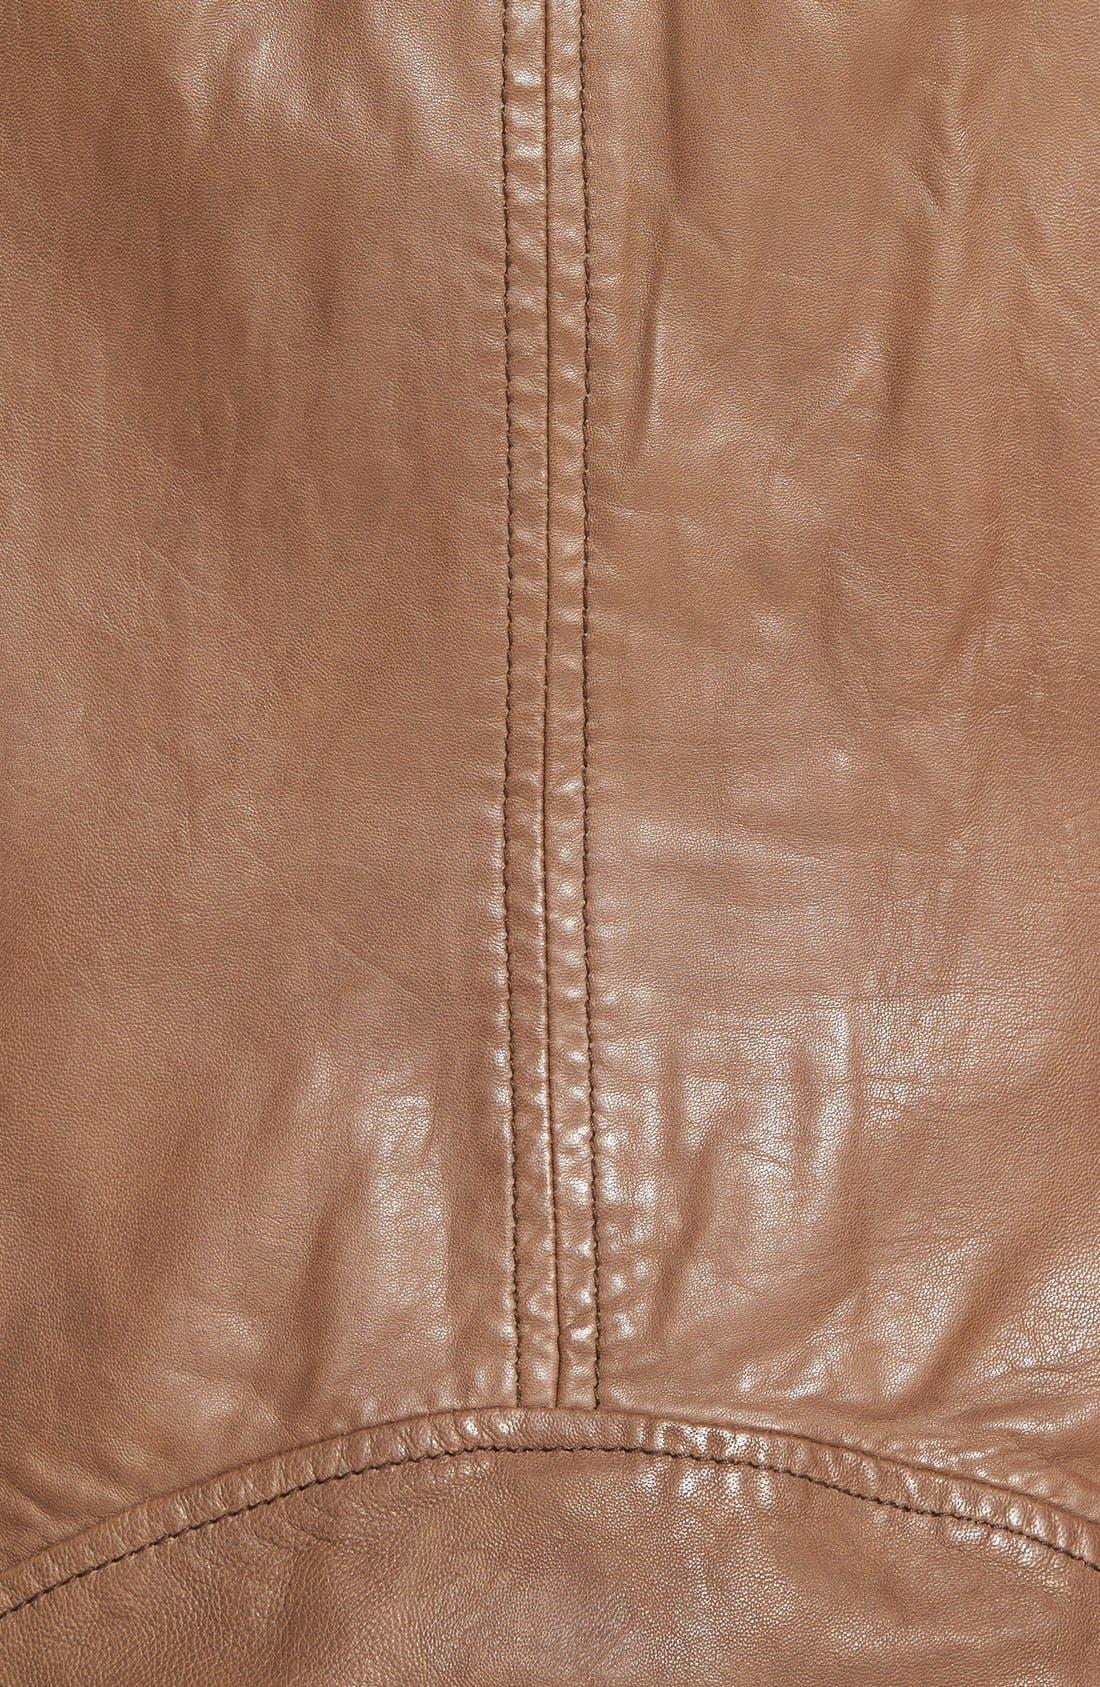 TerriLambskin LeatherMotoJacket,                             Alternate thumbnail 5, color,                             232